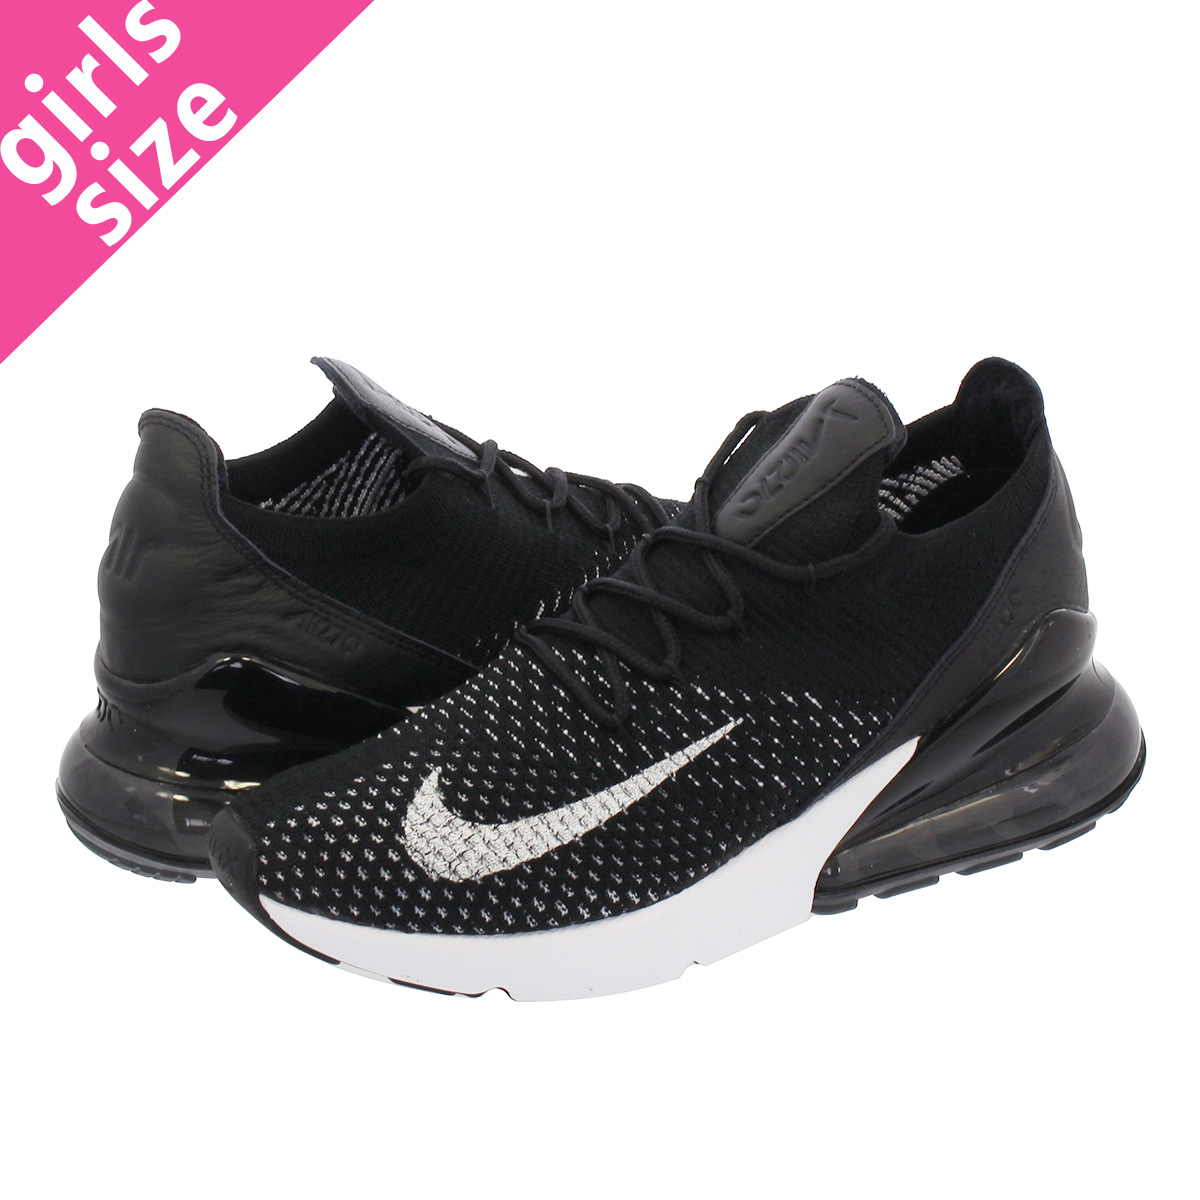 Nike Air Max 270 Flyknit Black White Womens AH6803 001  AH6803 001